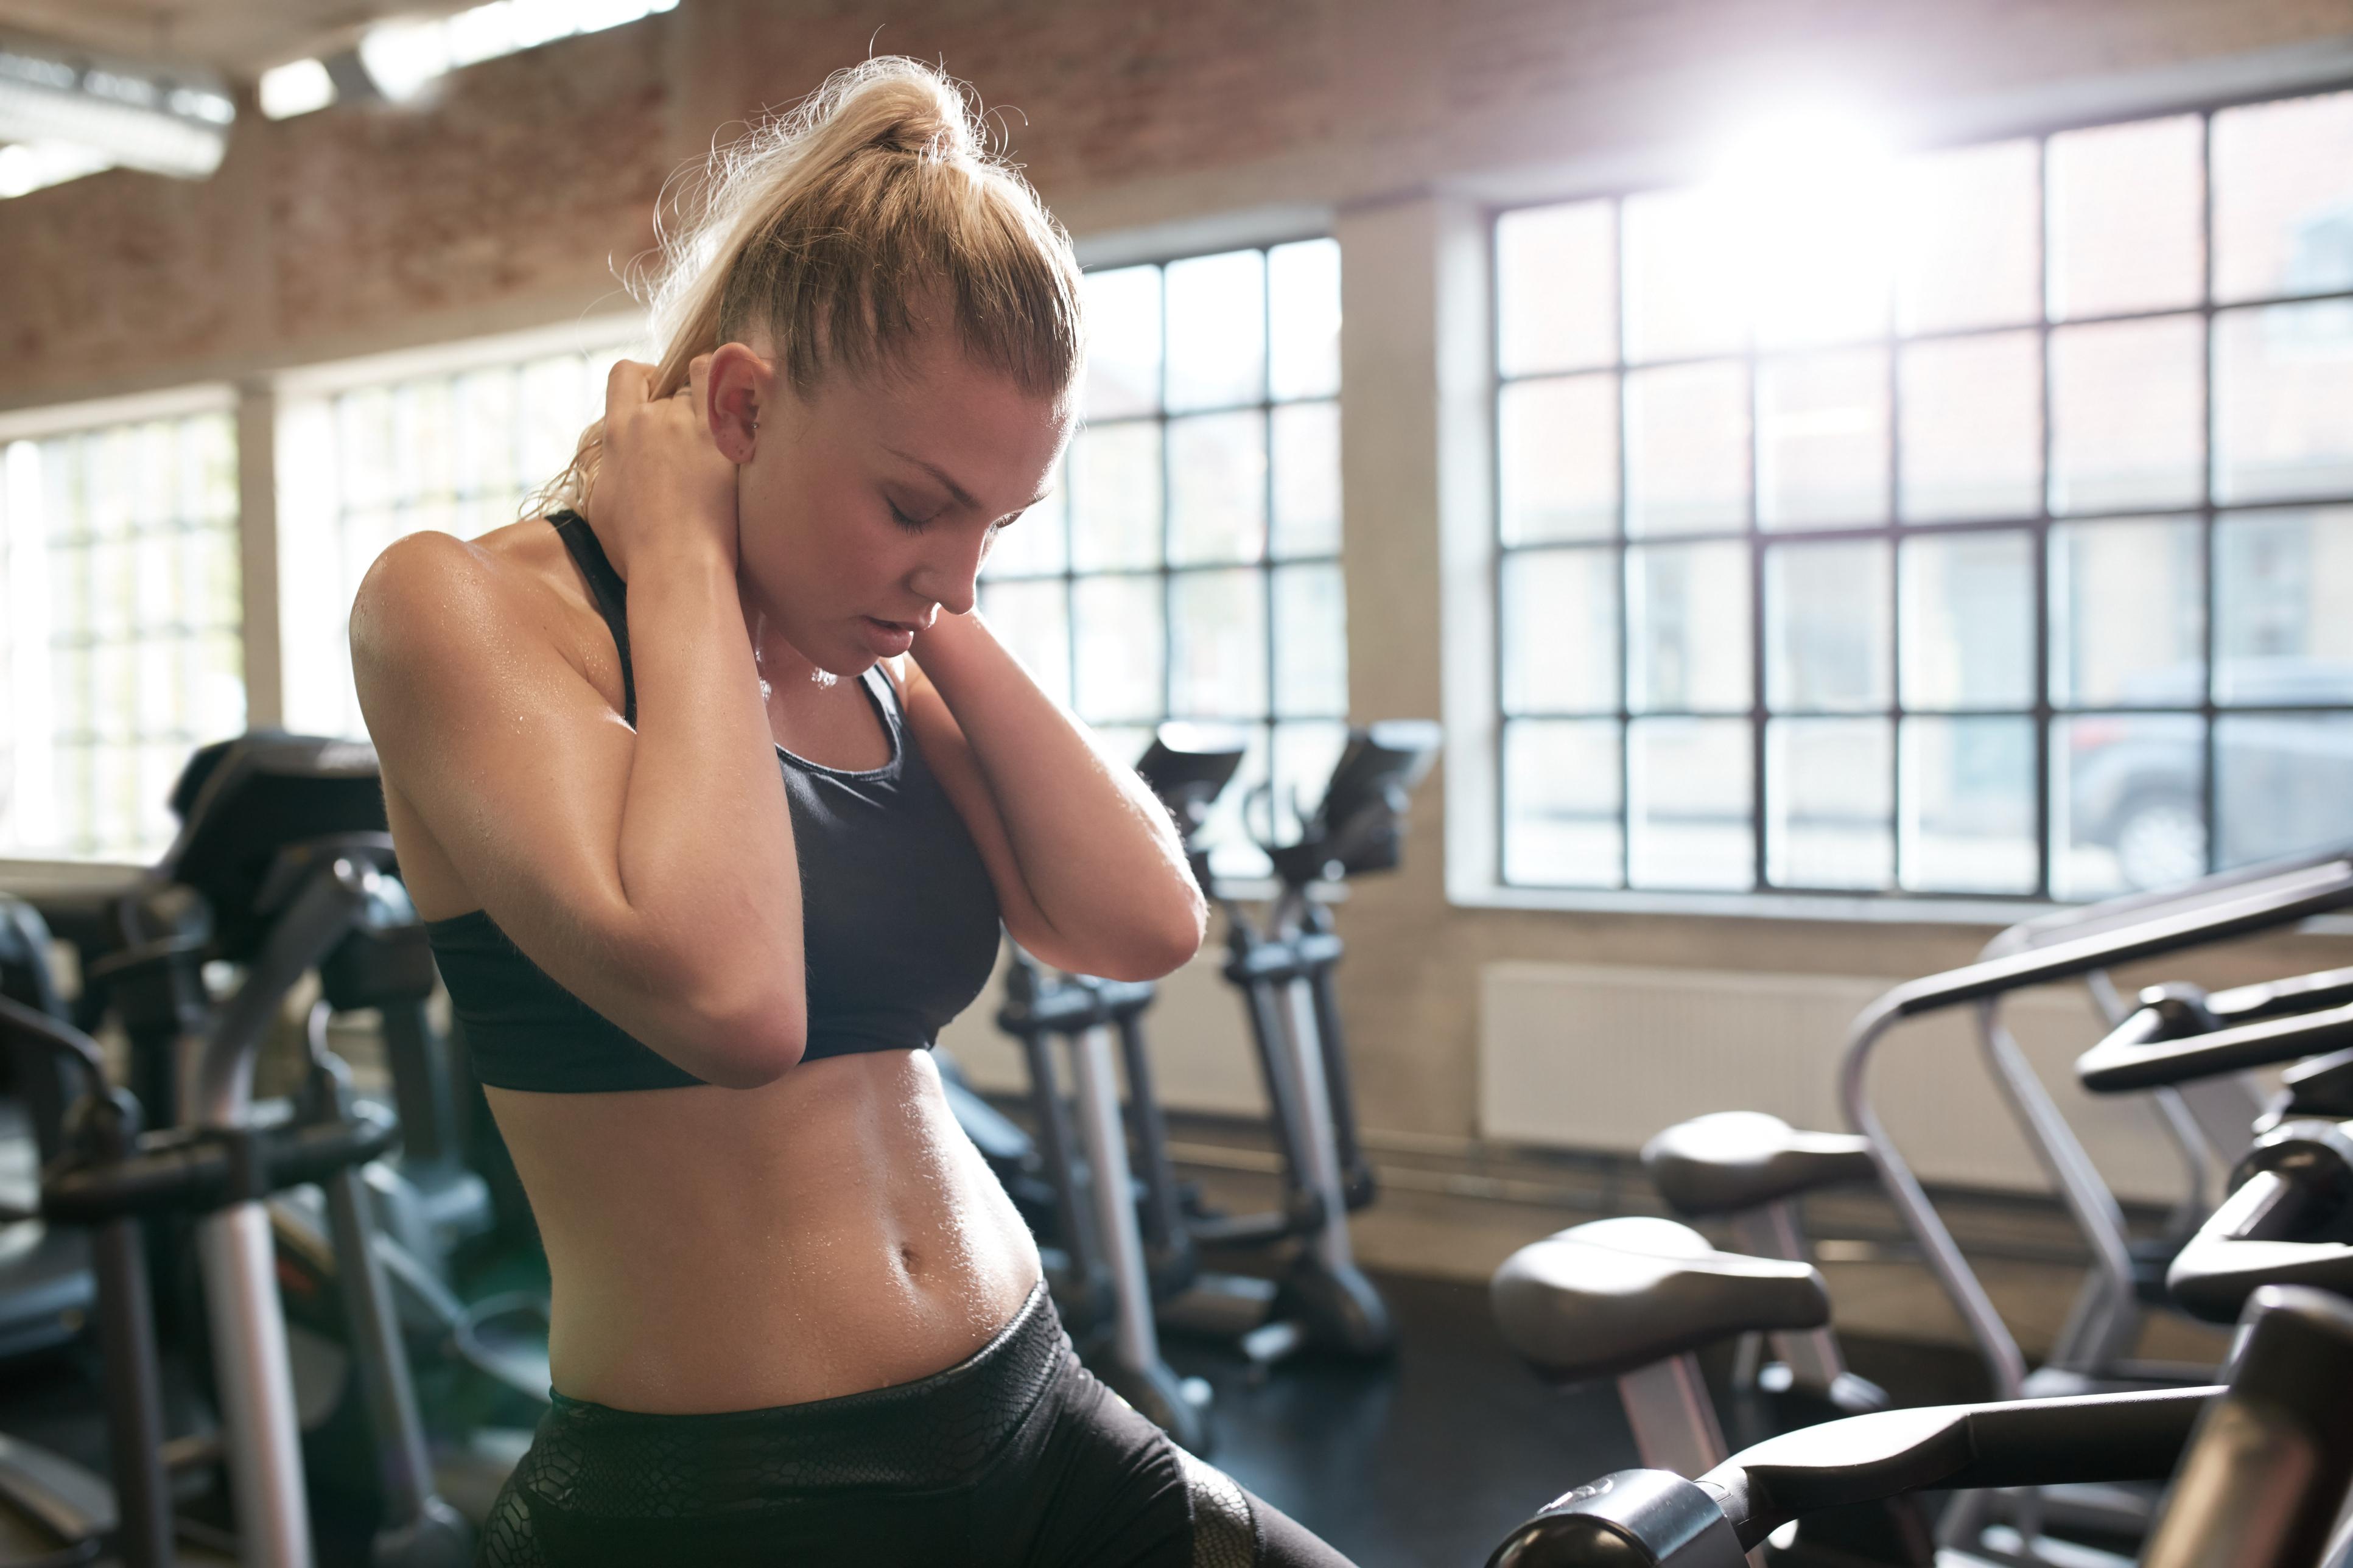 5 помилок, які не варто робити в тренажерному залі